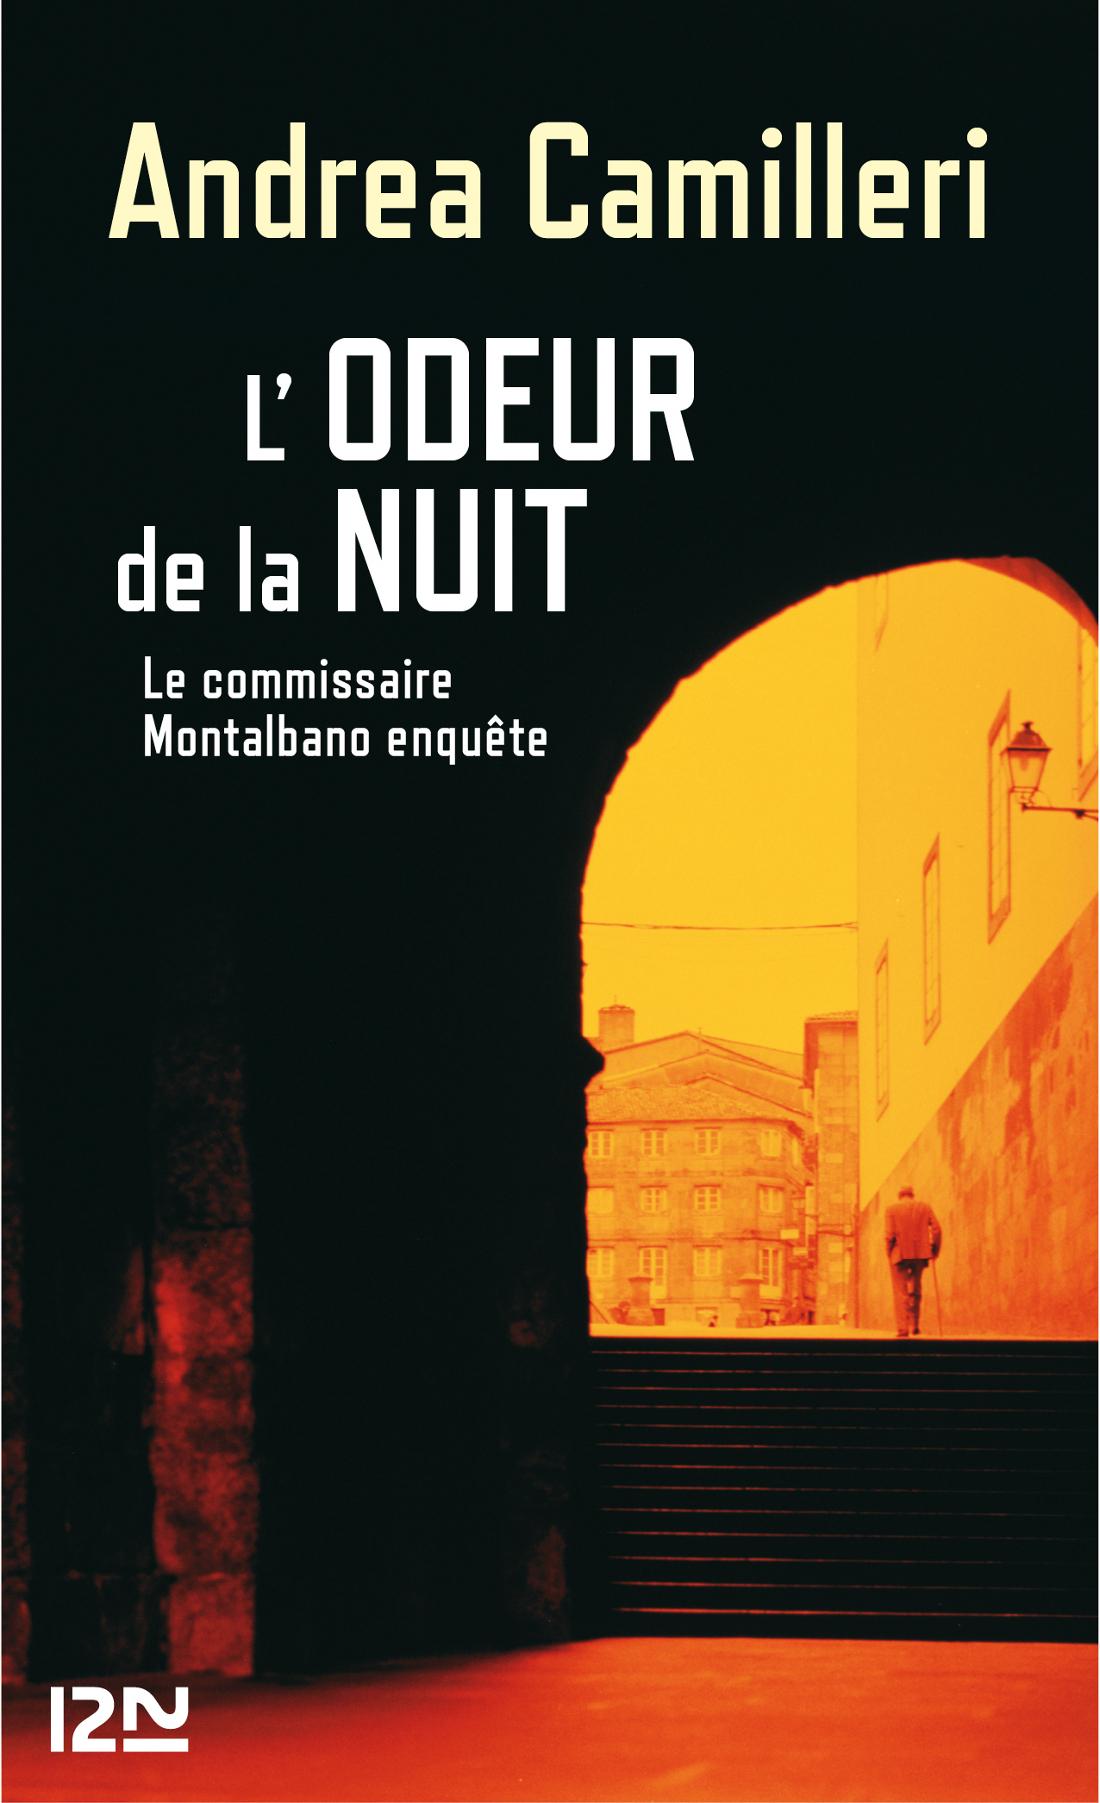 L'odeur de la nuit | QUADRUPPANI, Serge